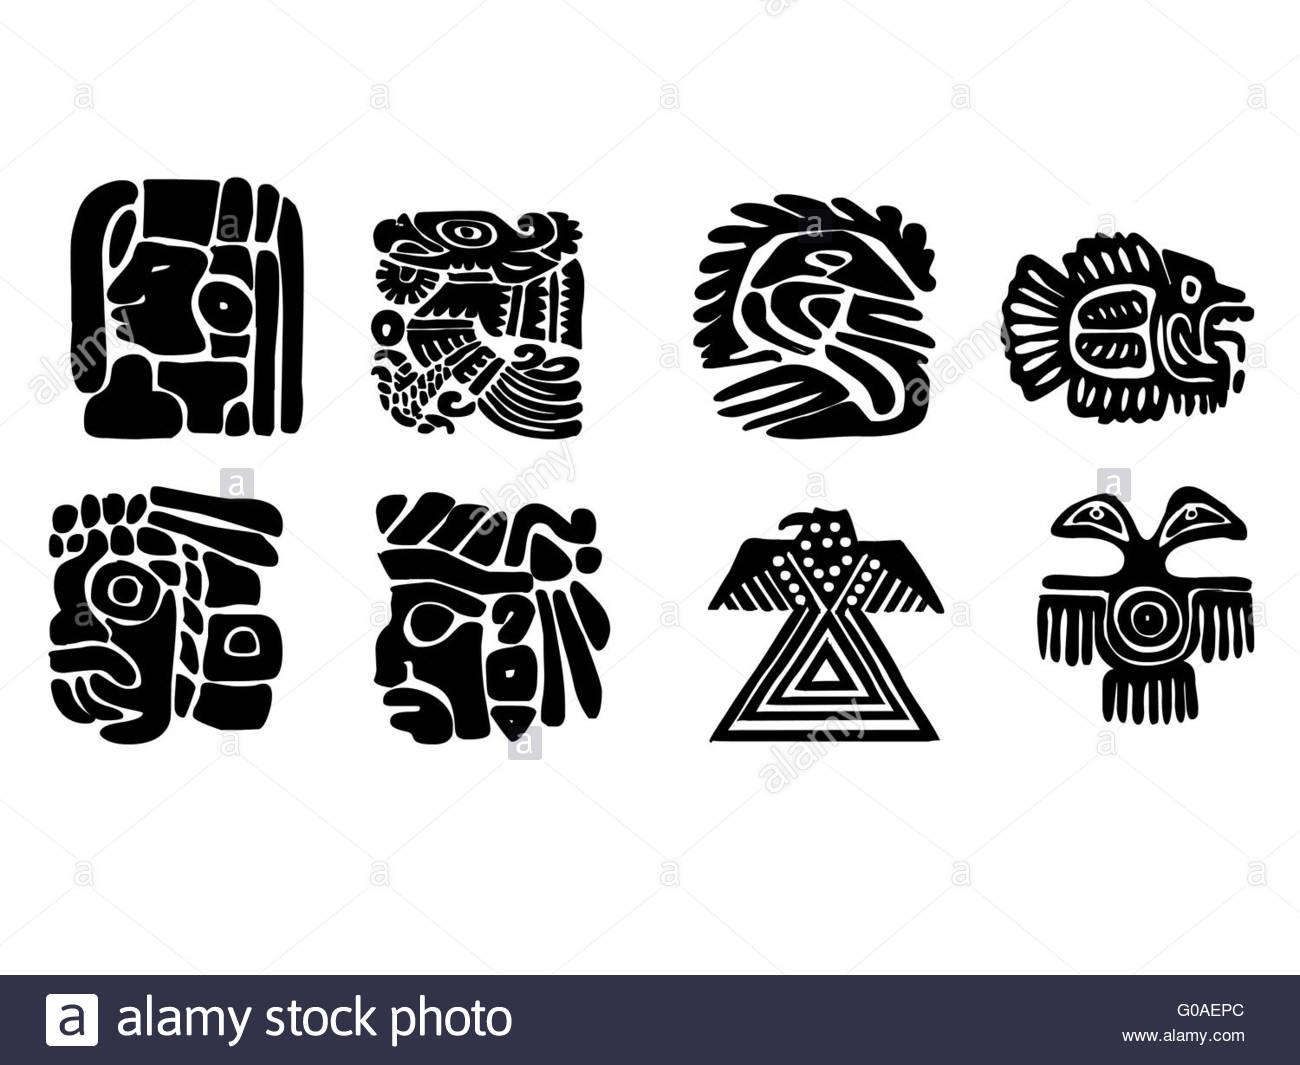 1300x1065 Maya Patterns. Black And White Drawings Stock Photo 103493332